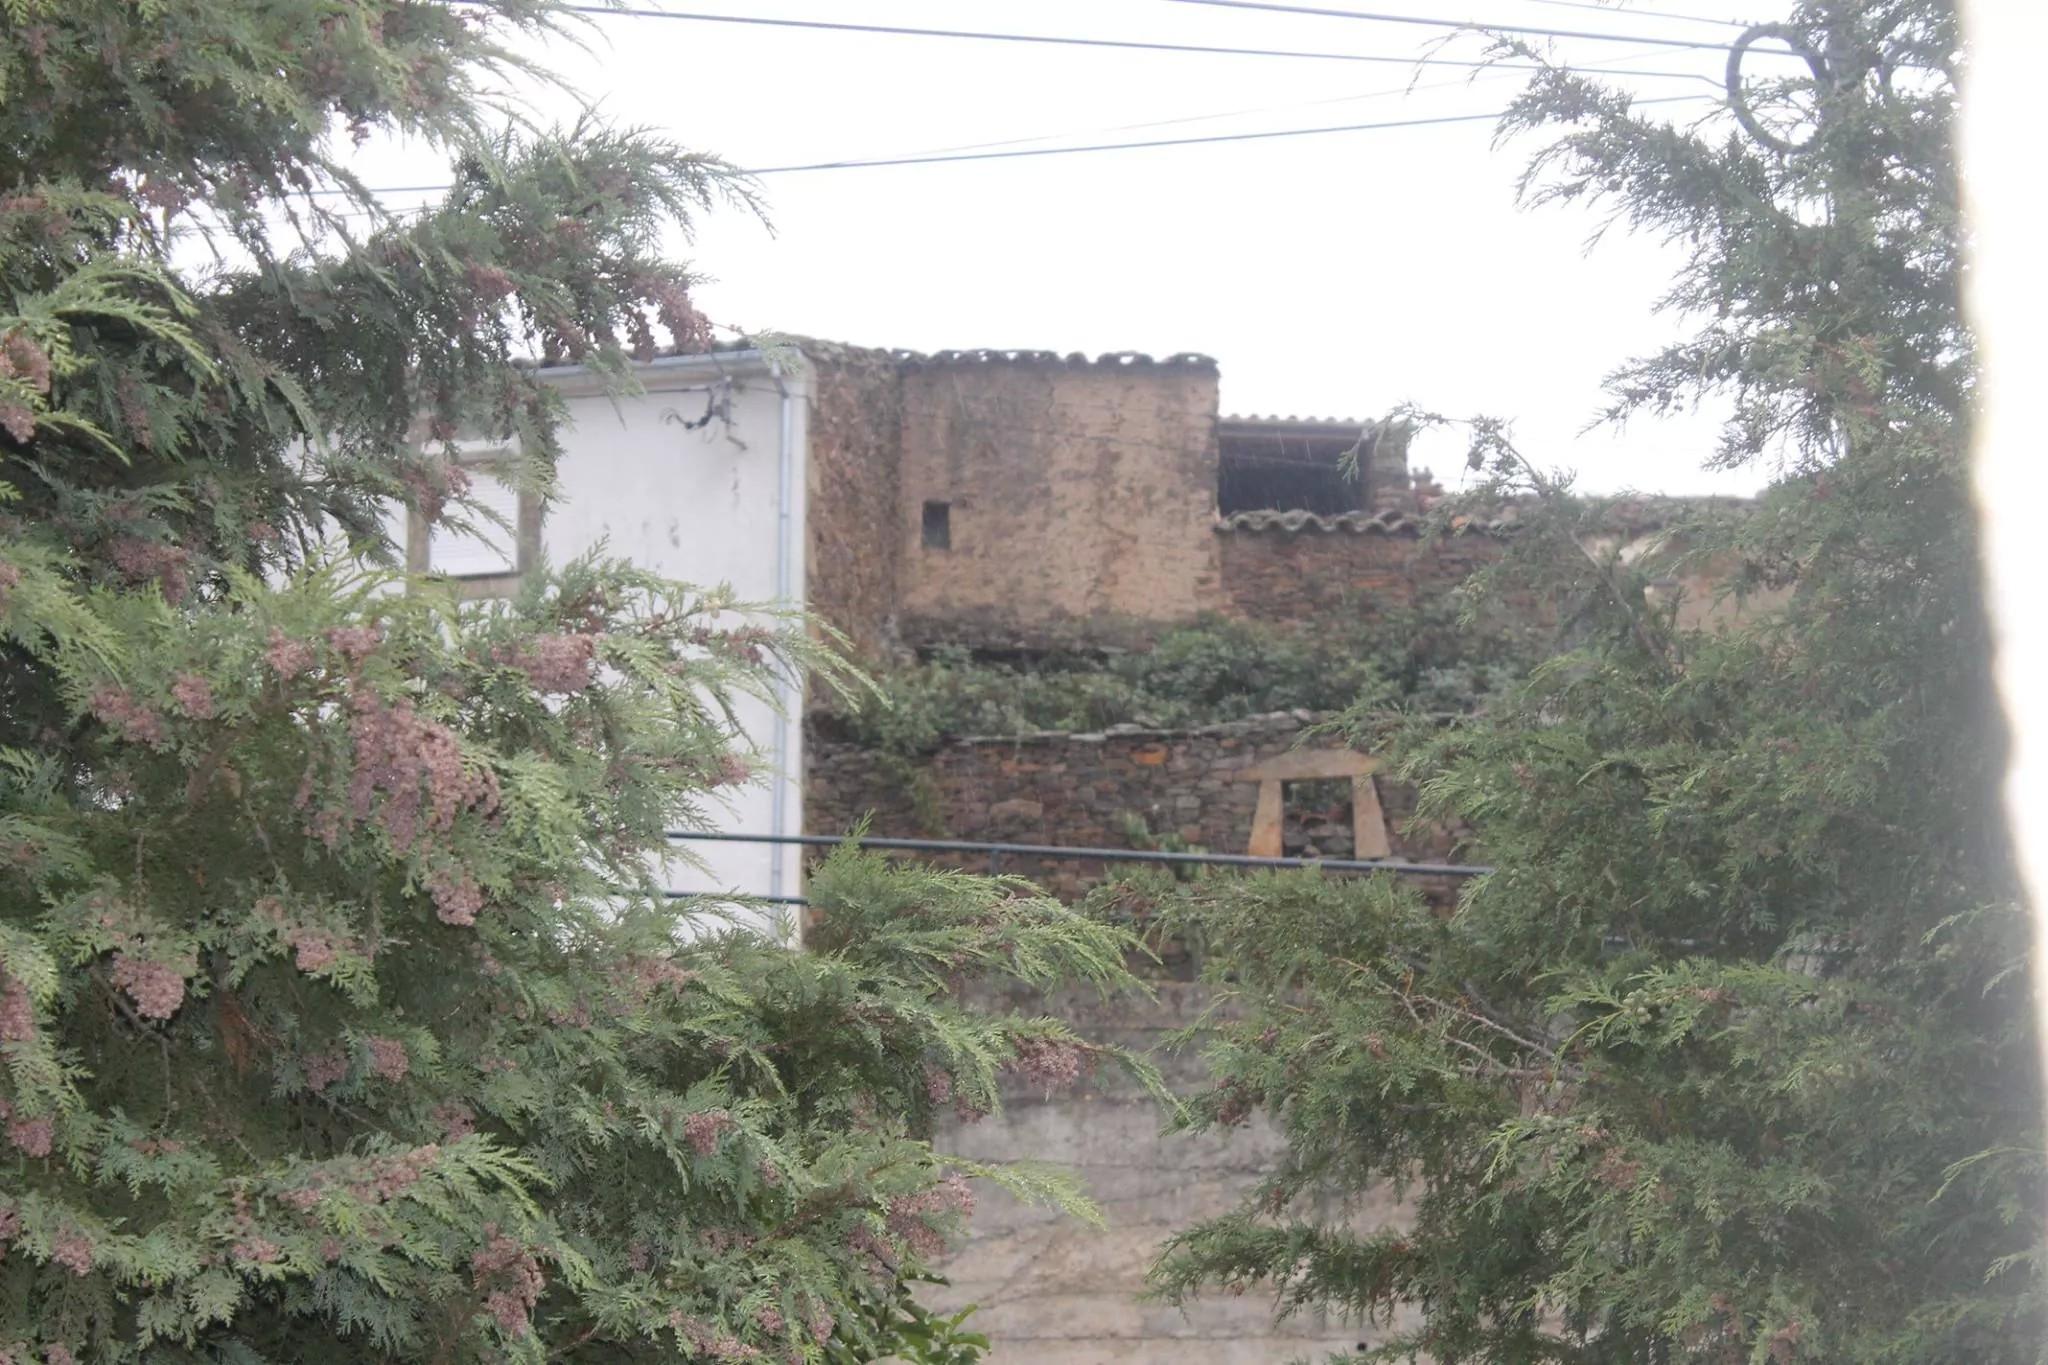 Casas de l tiu Arán i de l tiu Ferreiro bistas de l Pilo